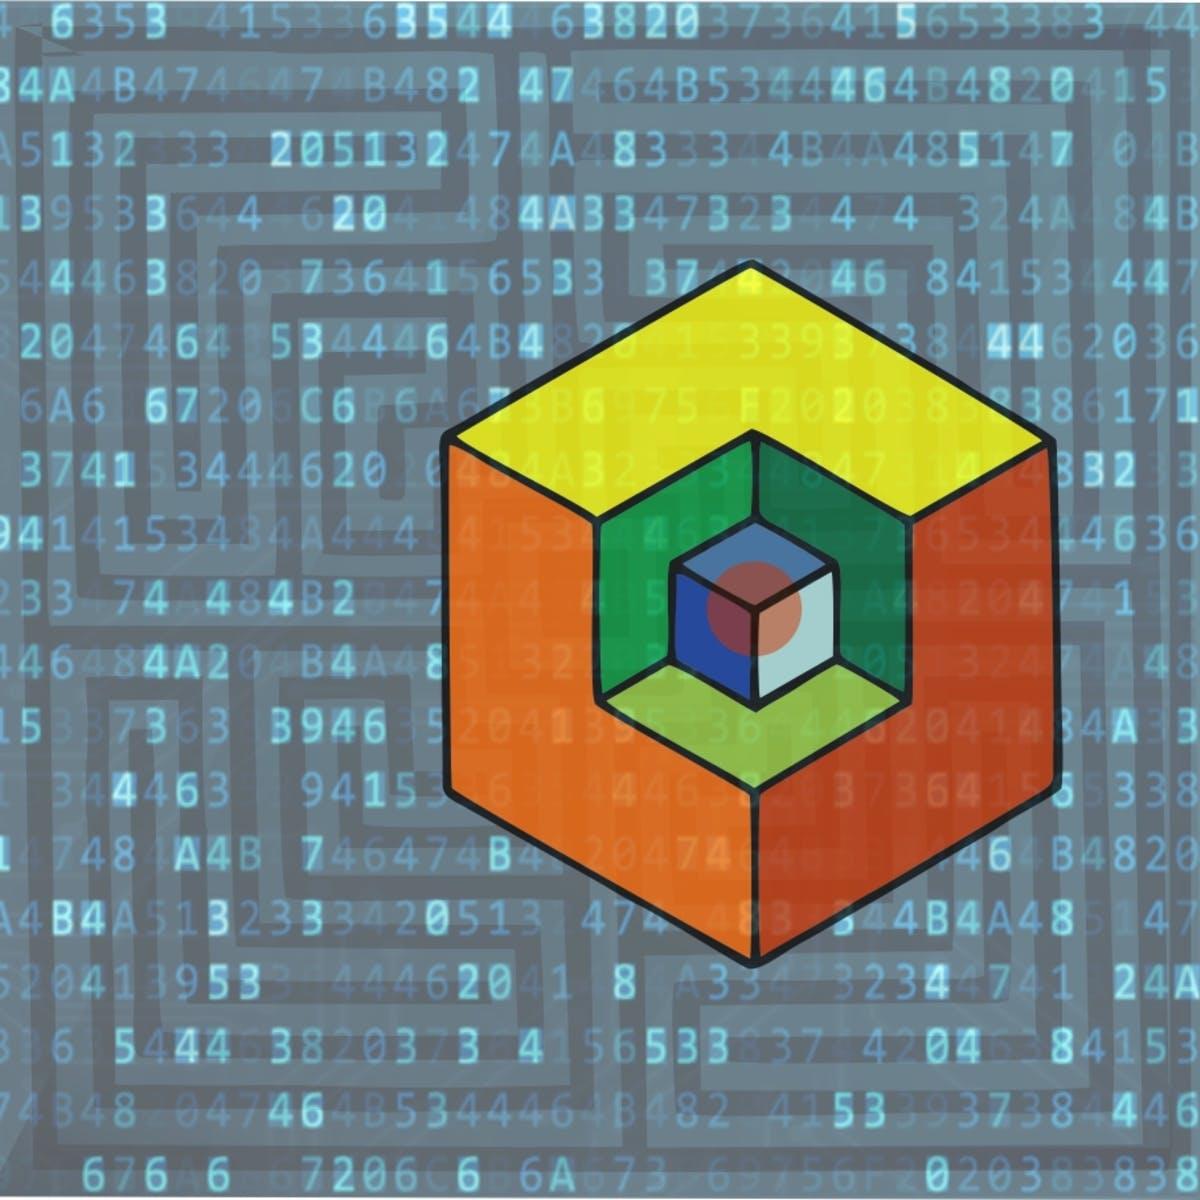 Менеджмент информационной безопасности